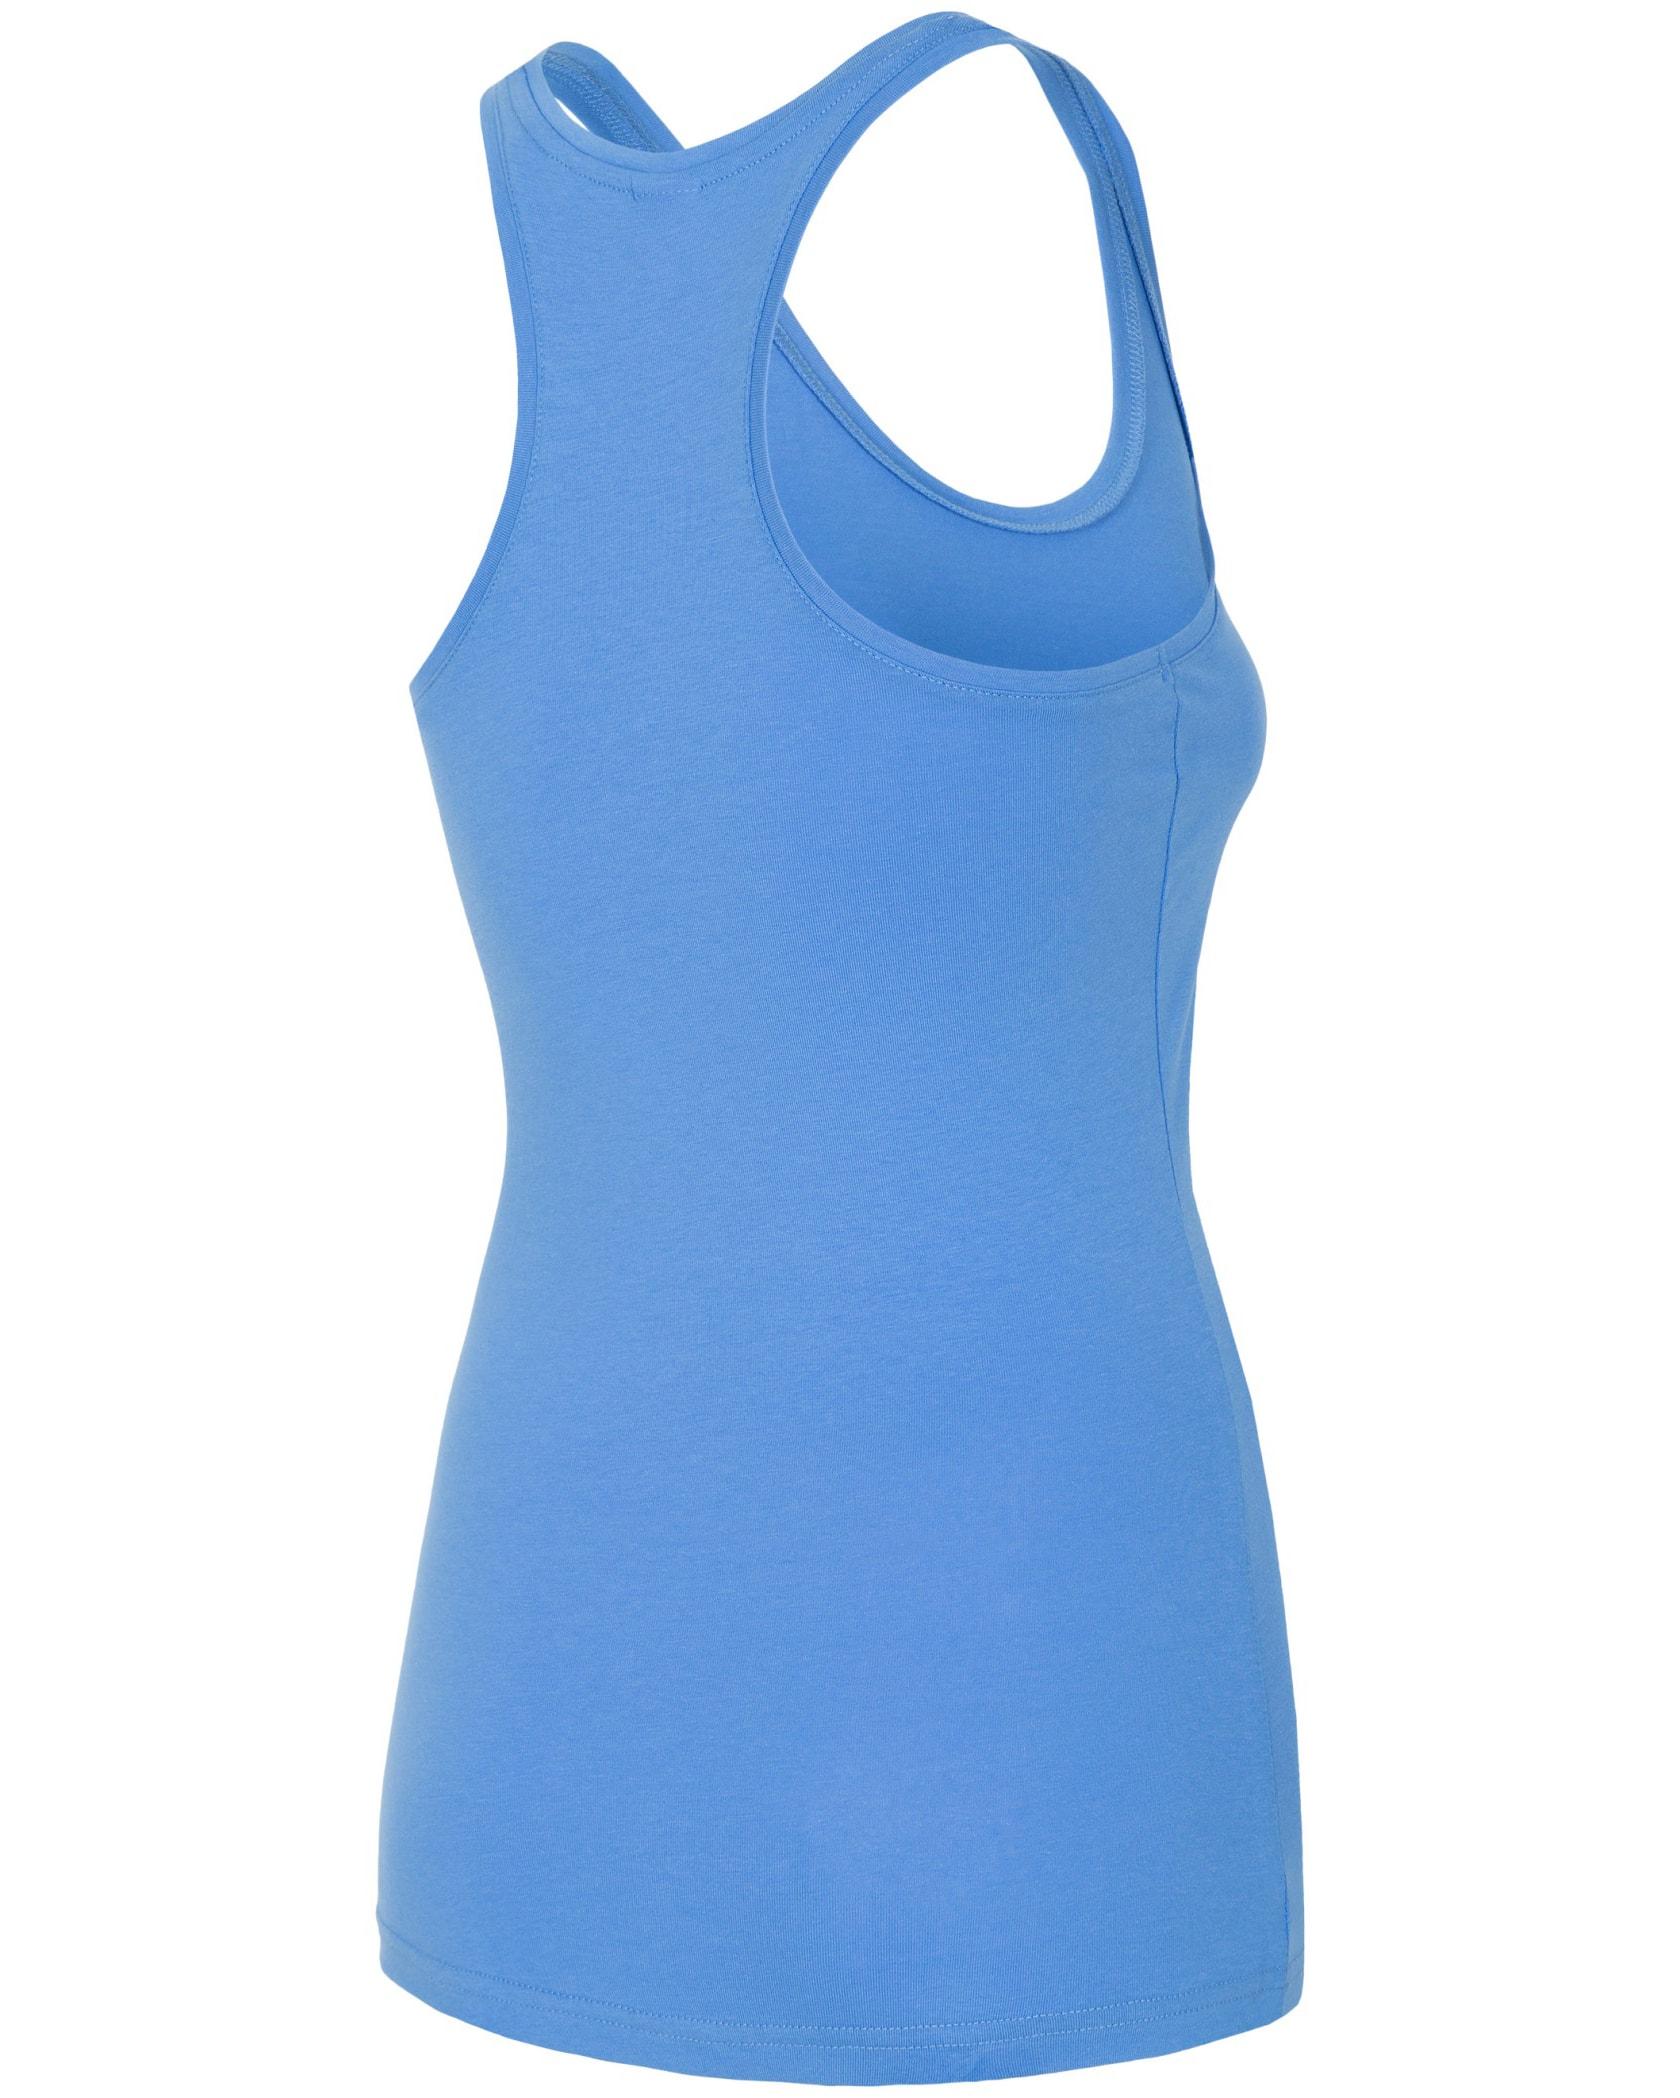 4F Women's T-Shirt - Cobalt